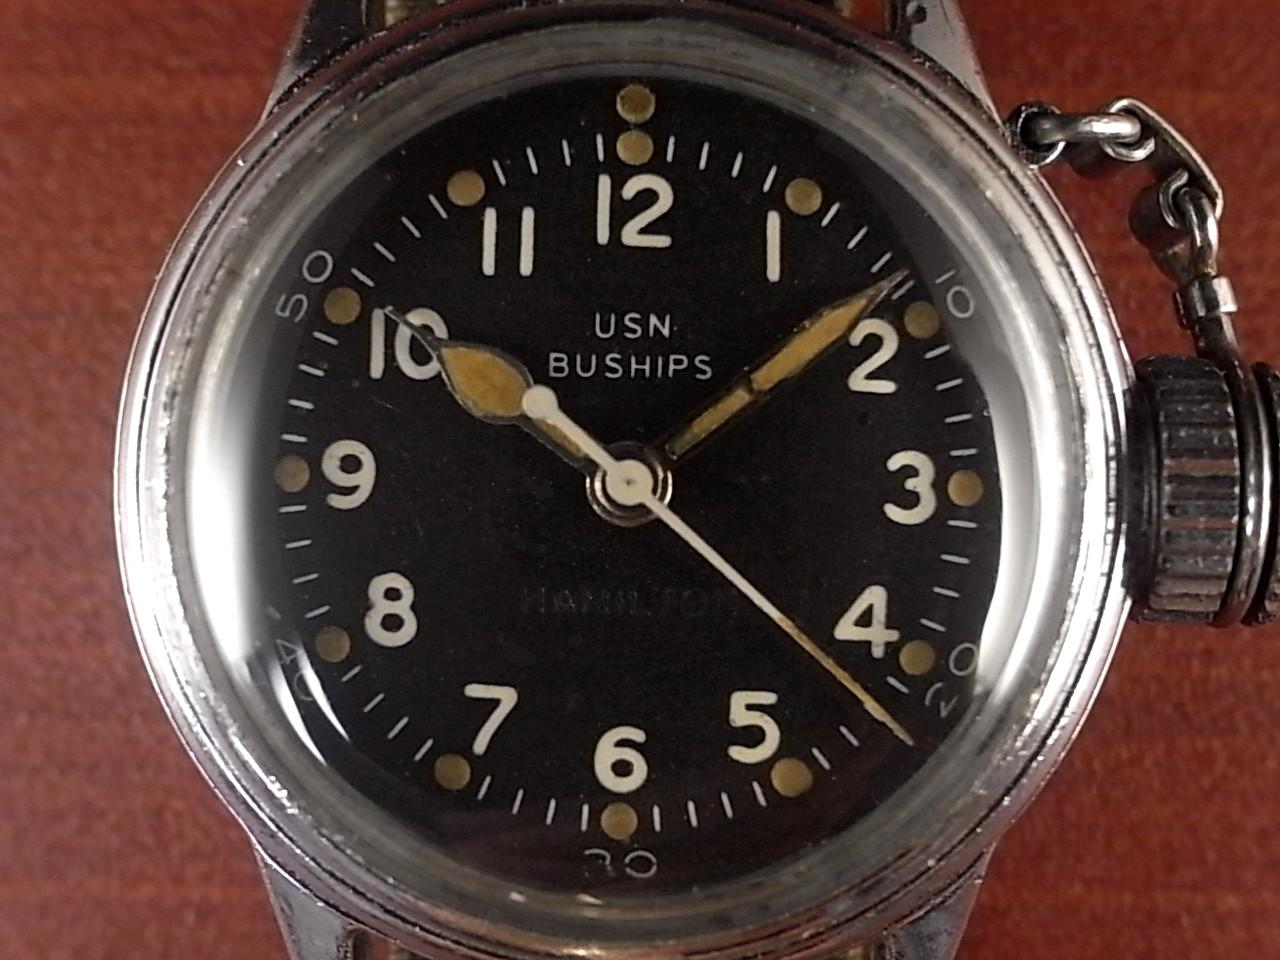 ハミルトン USN BUSHIPS 米海軍特殊部隊 UDT(水中爆破チーム) キャンティーン 1940年代の写真2枚目